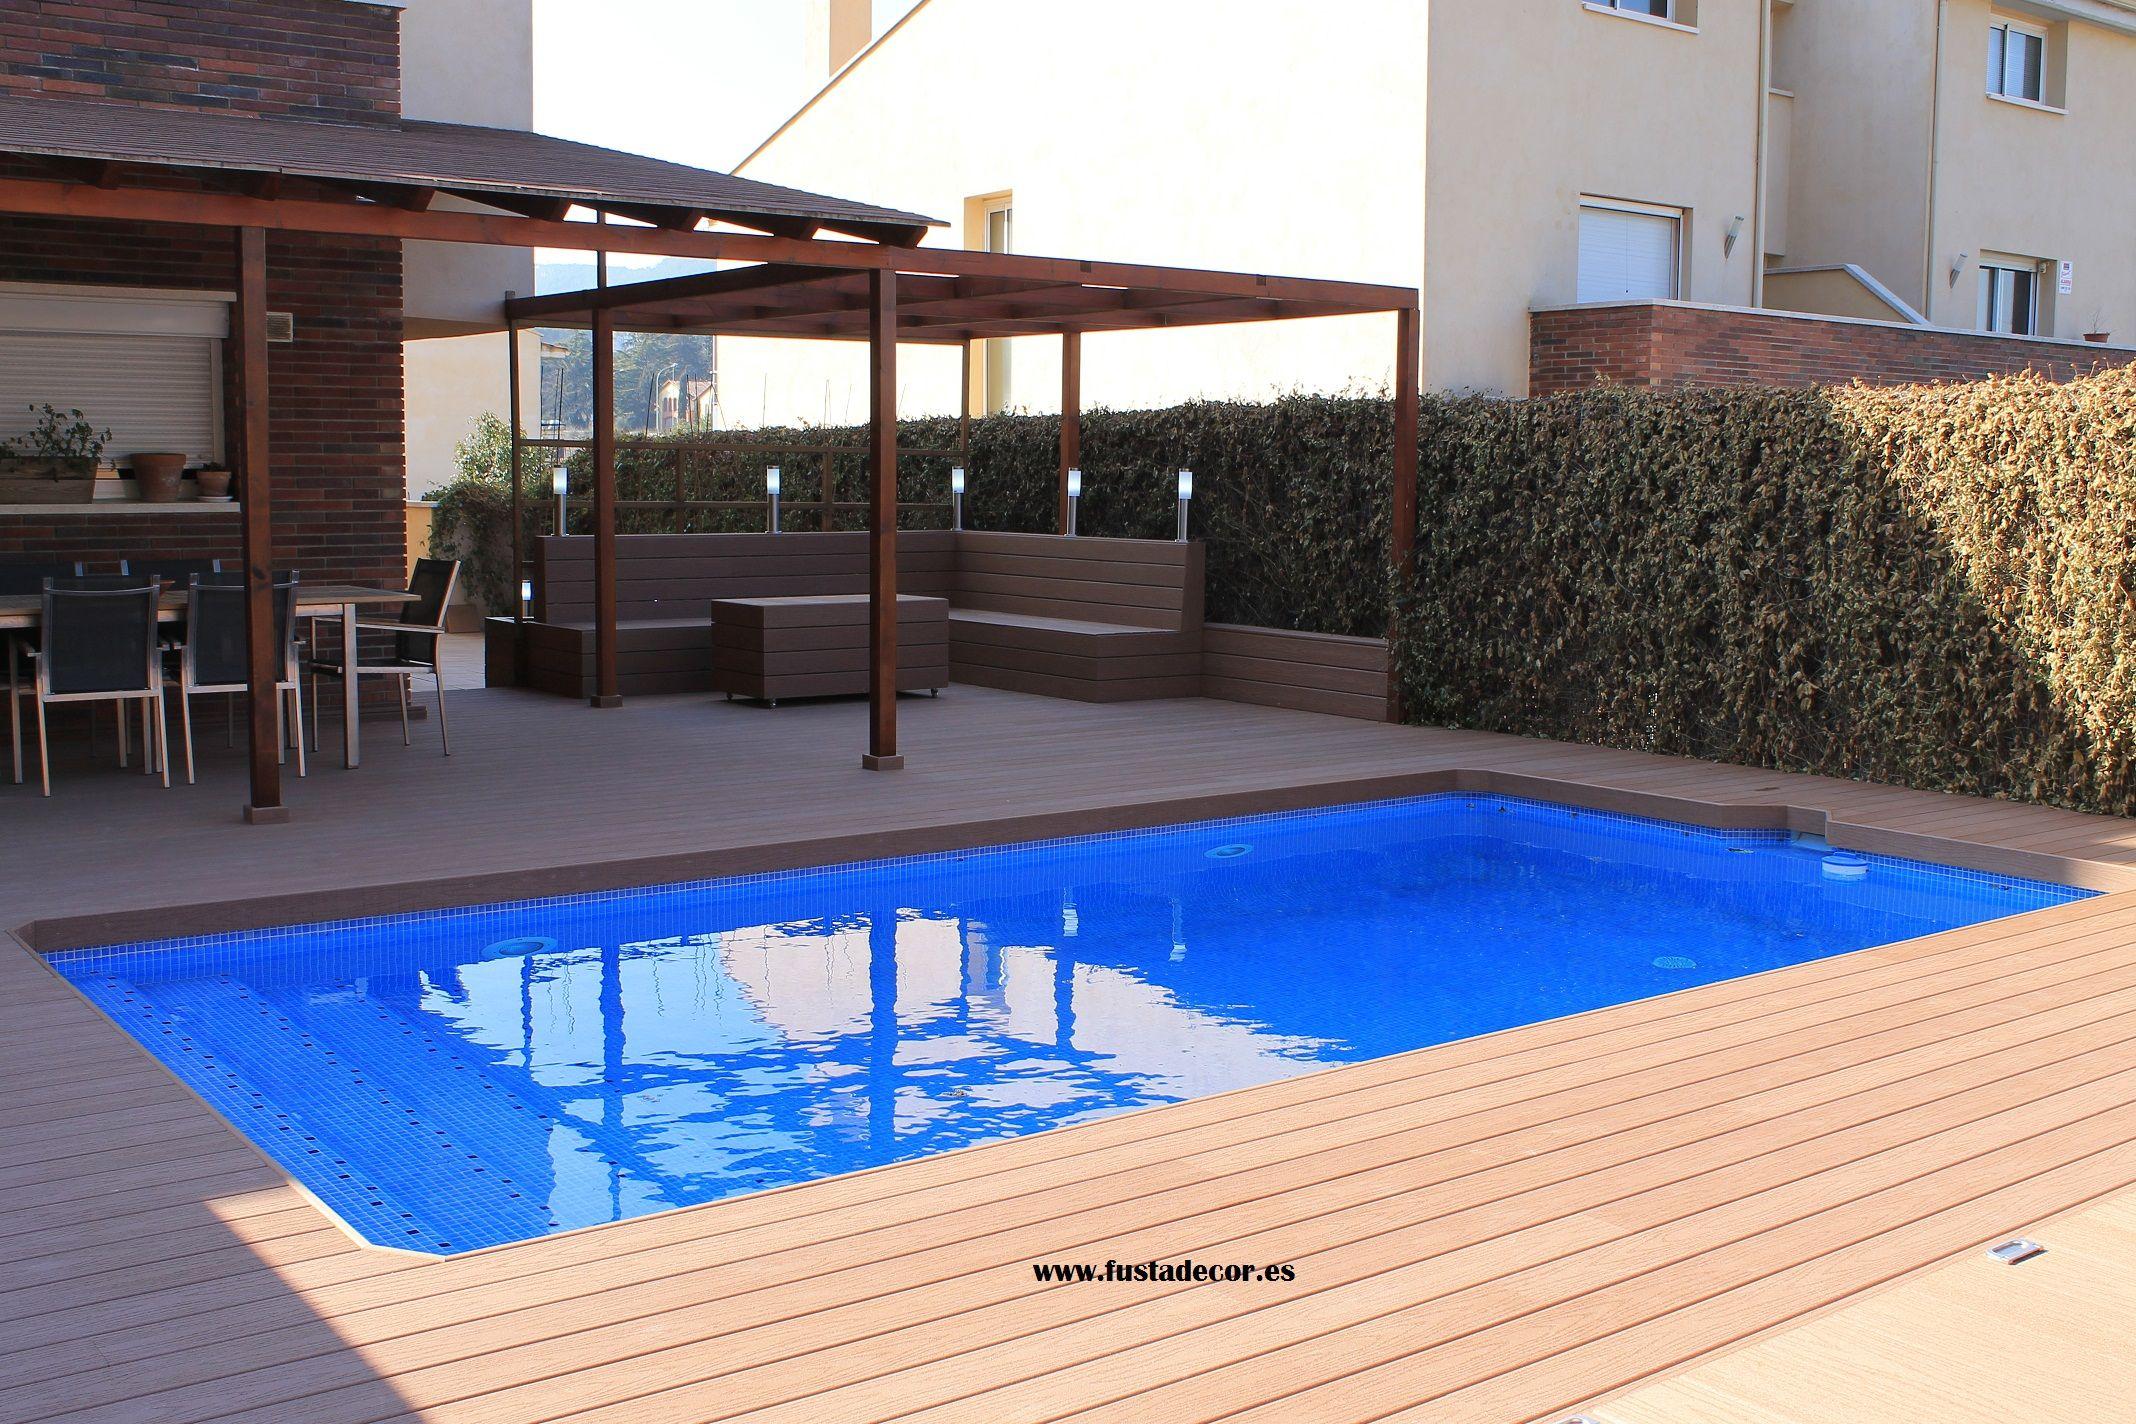 Terraza con piscina revestida con tarima tecnologica for Terrazas con sofas